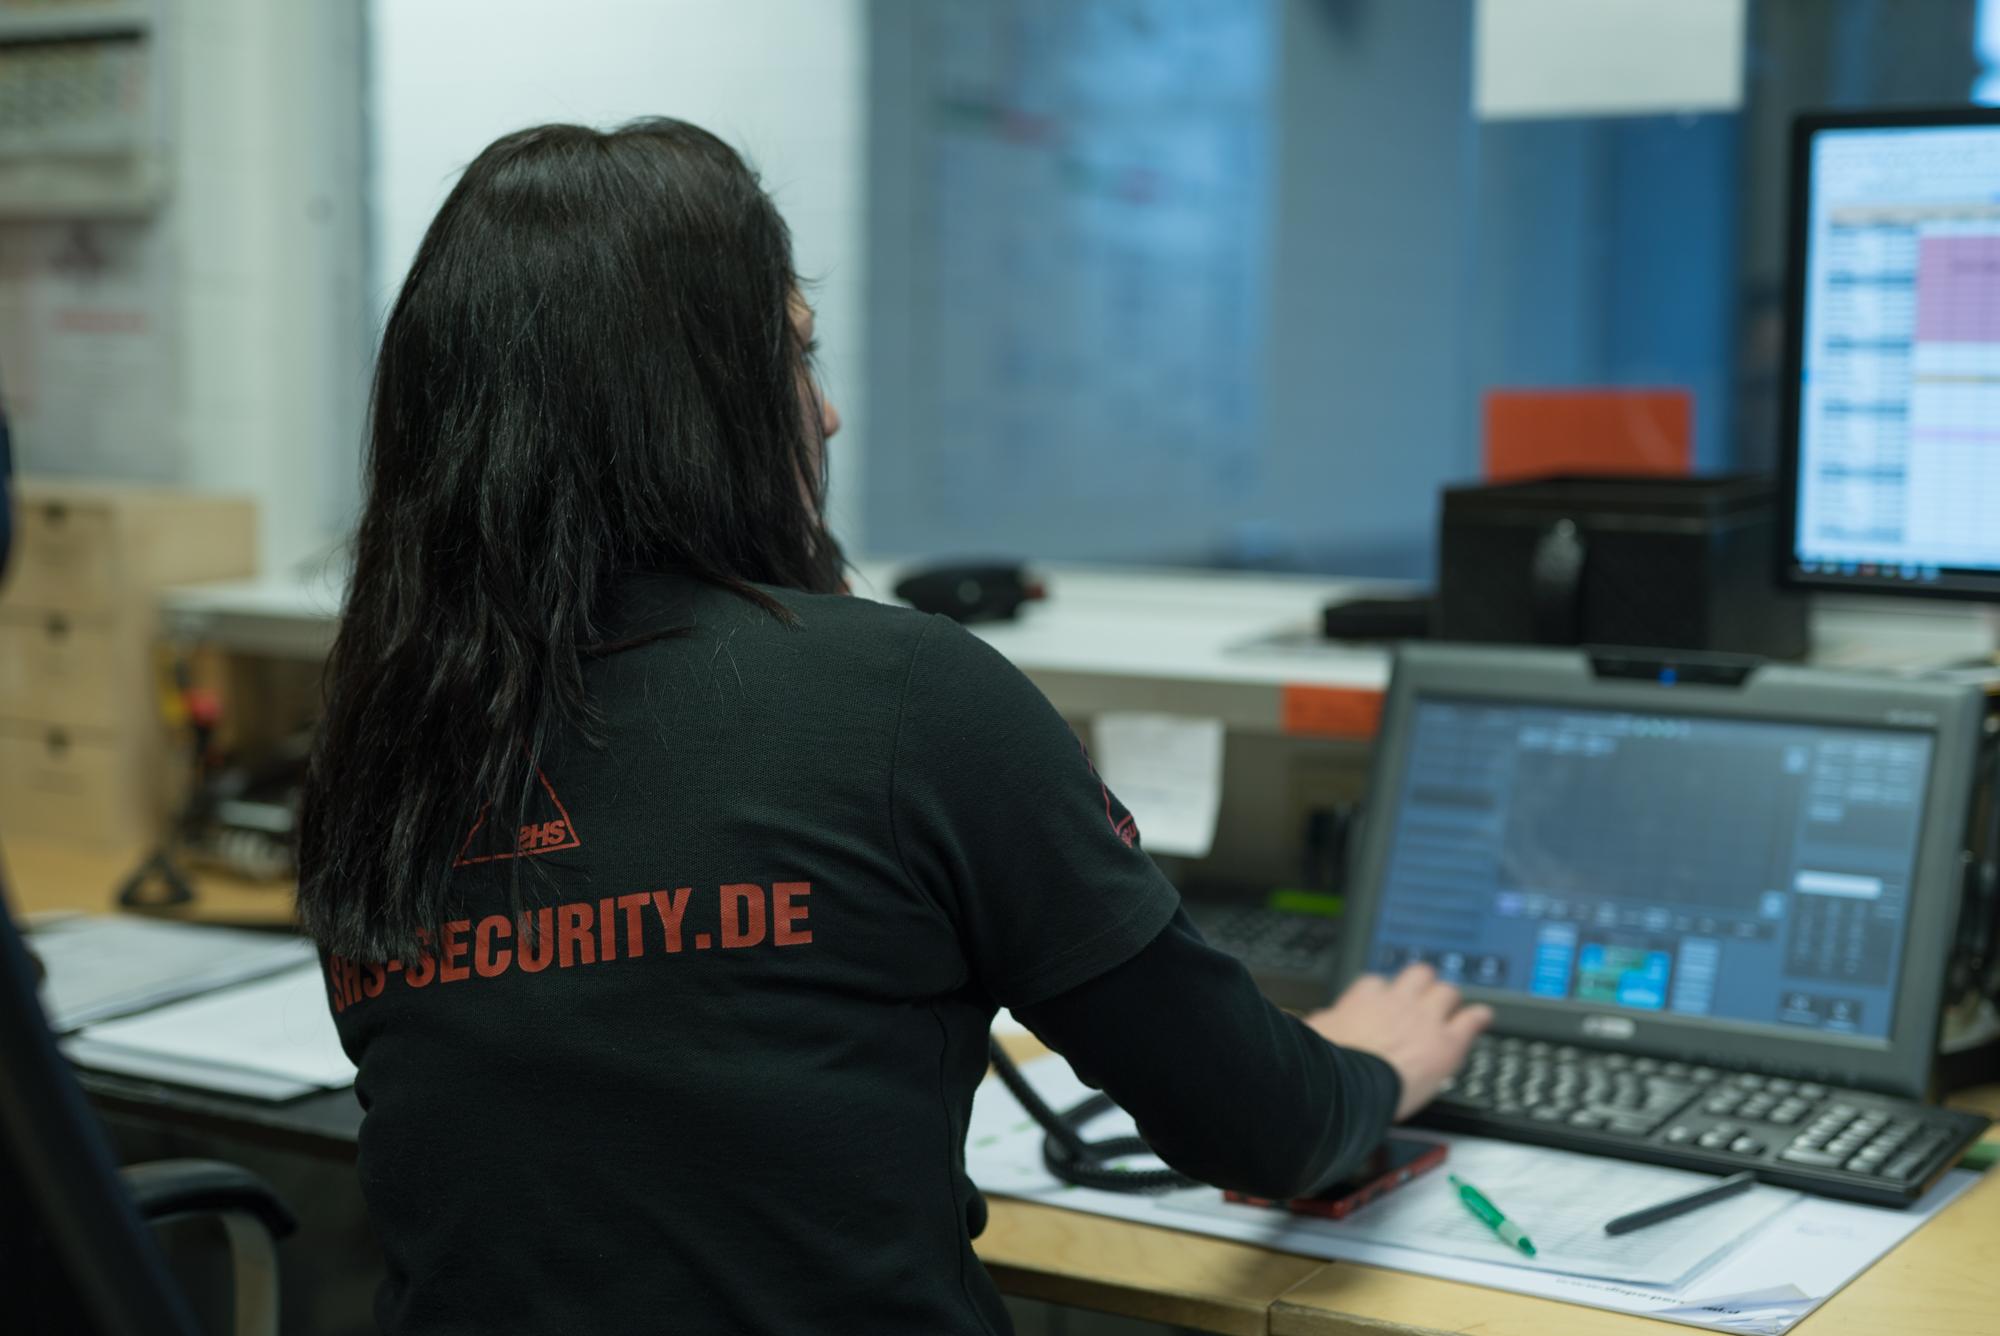 SHS-Security_Pfortendienst-1